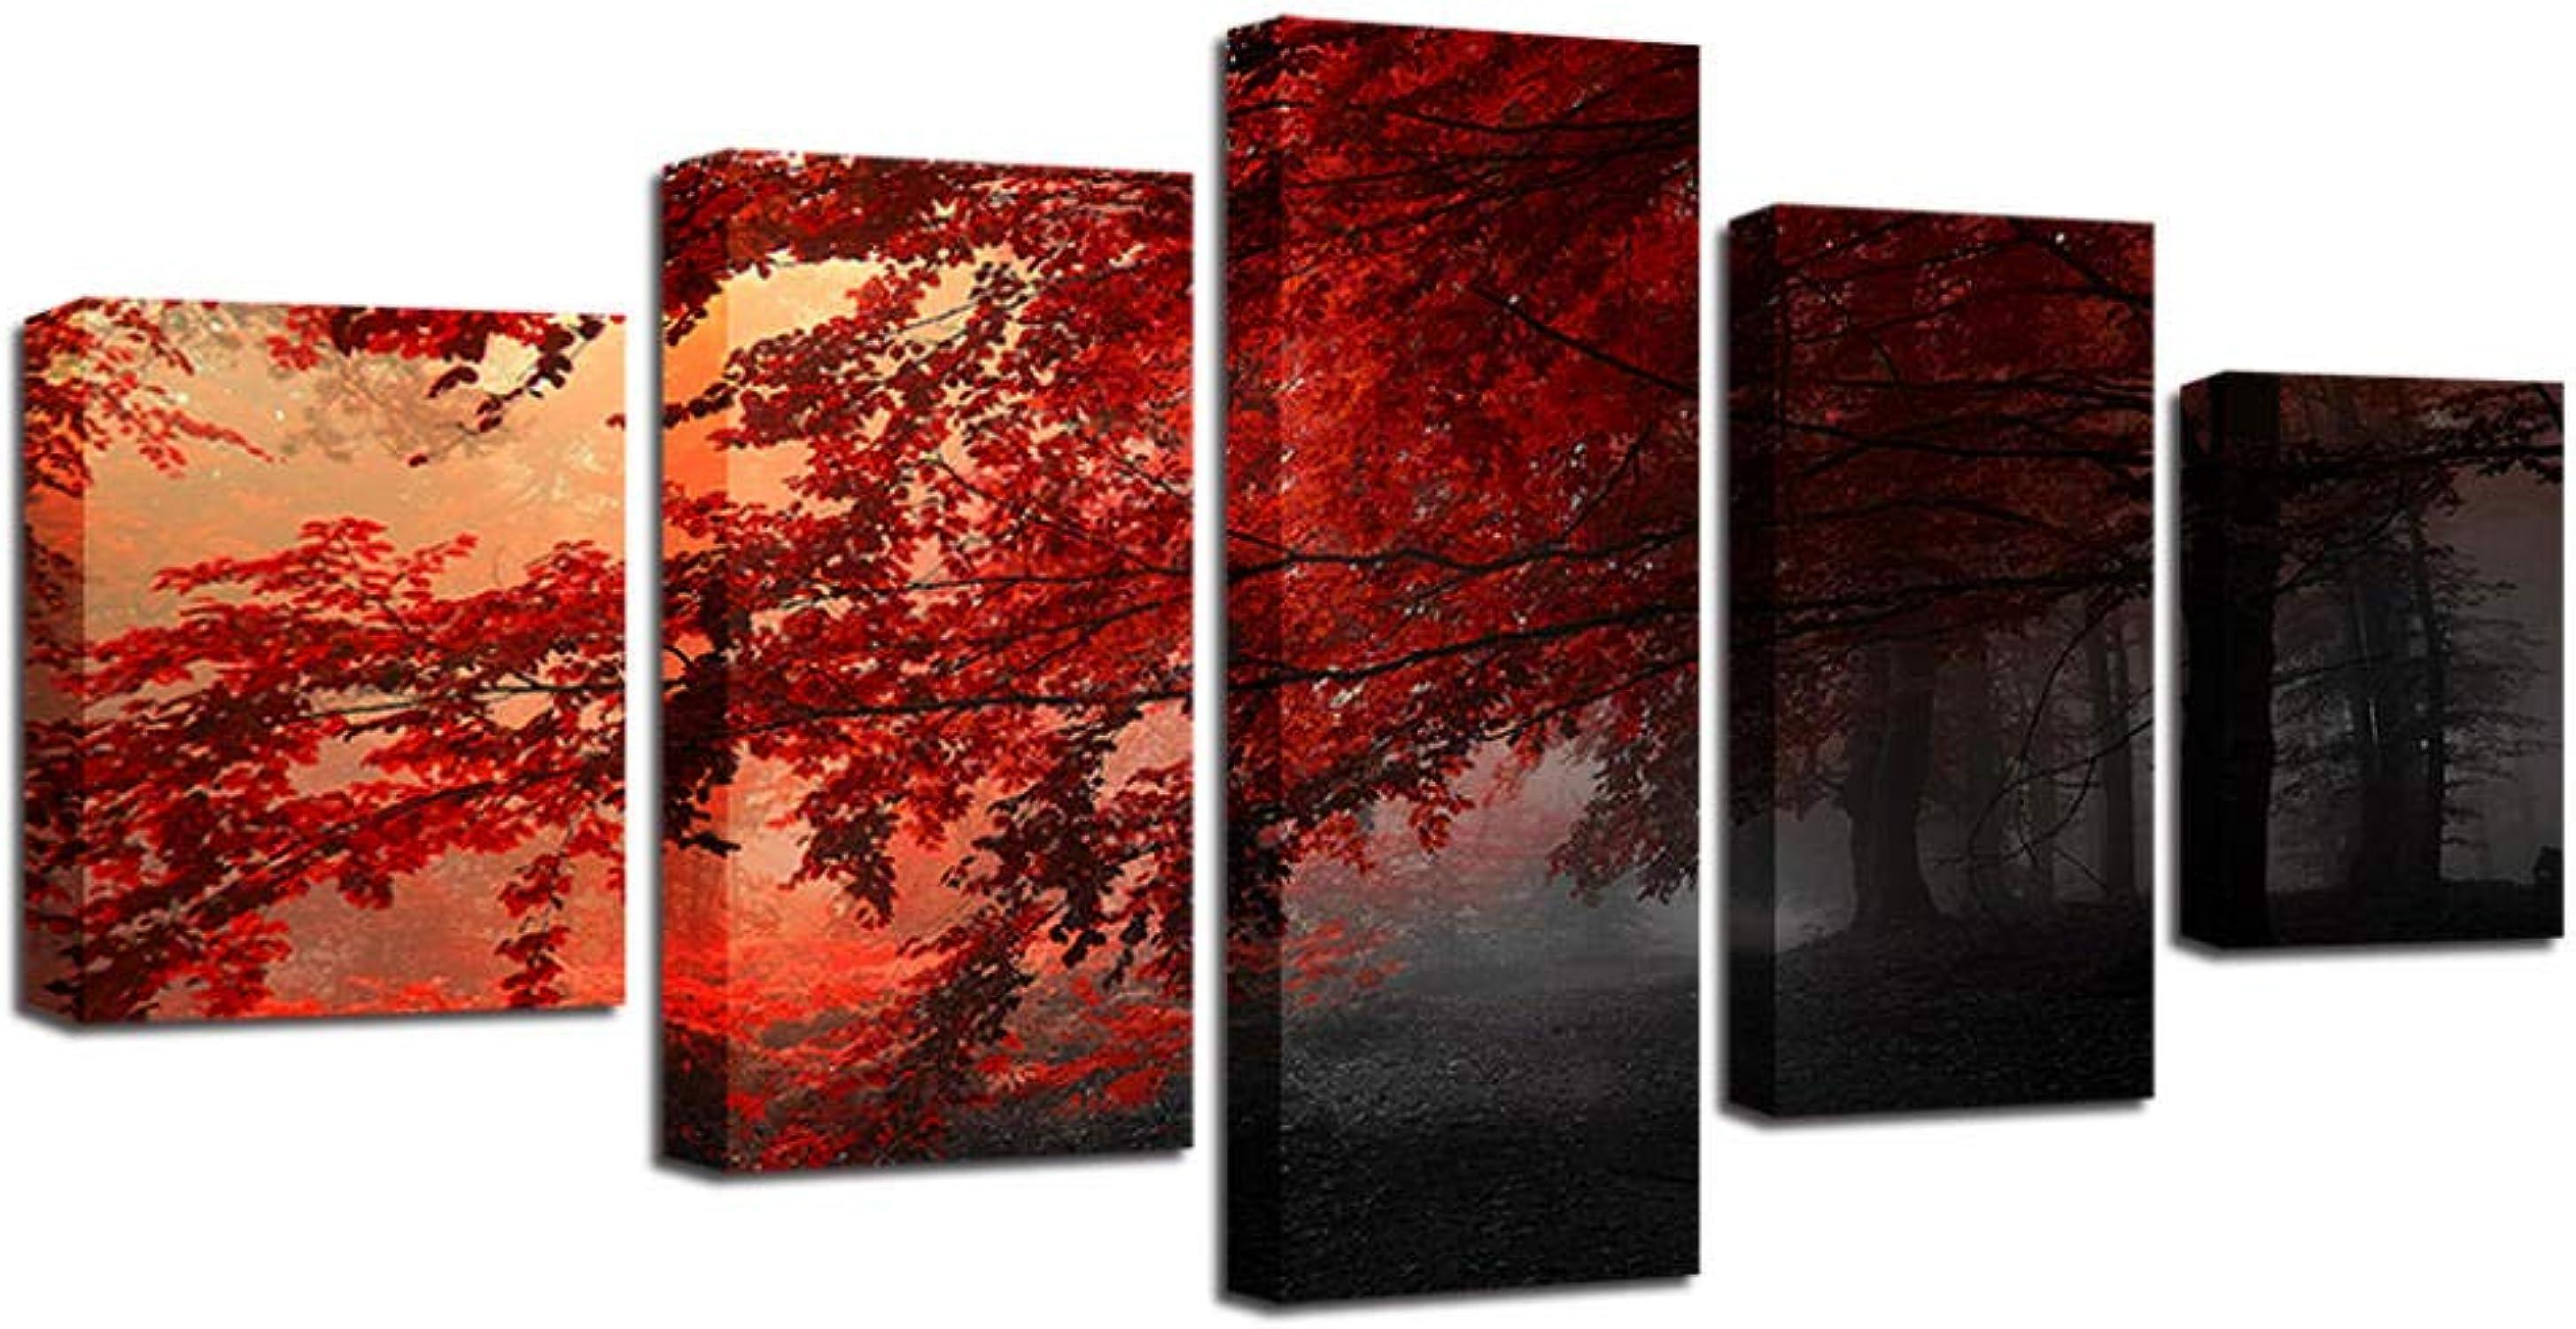 precios bajos todos los dias GZHMW GZHMW GZHMW Cuadros 5 Piezas Moderno Bosque De Arce Lienzos Decorativos Salon 100x50cm Listos para Colgar  marcas en línea venta barata